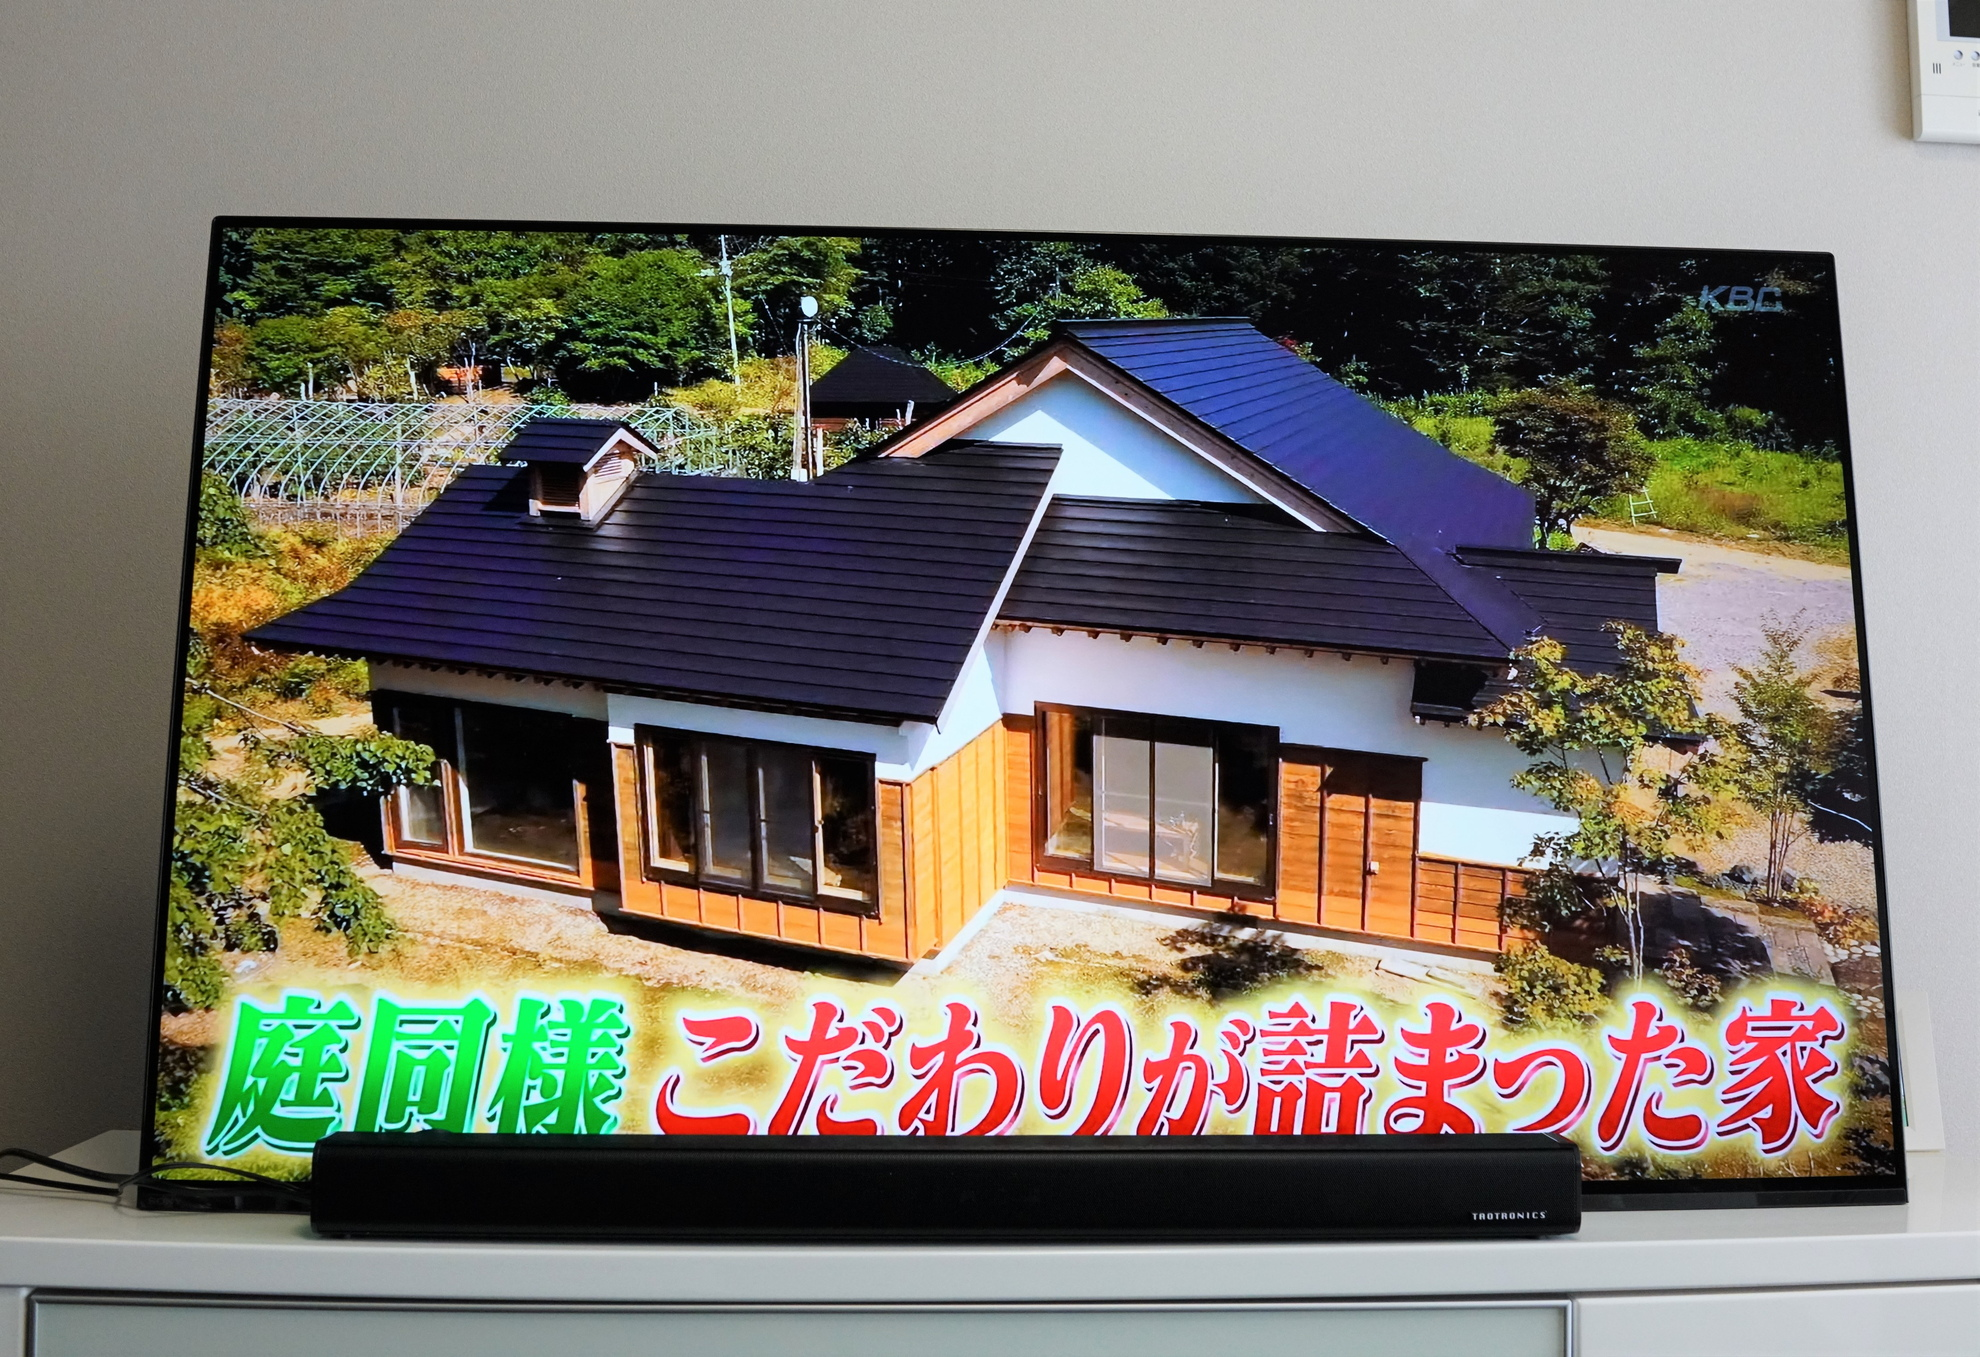 40Wステレオサウンド TaoTronics テレビ サウンドバーレビュー